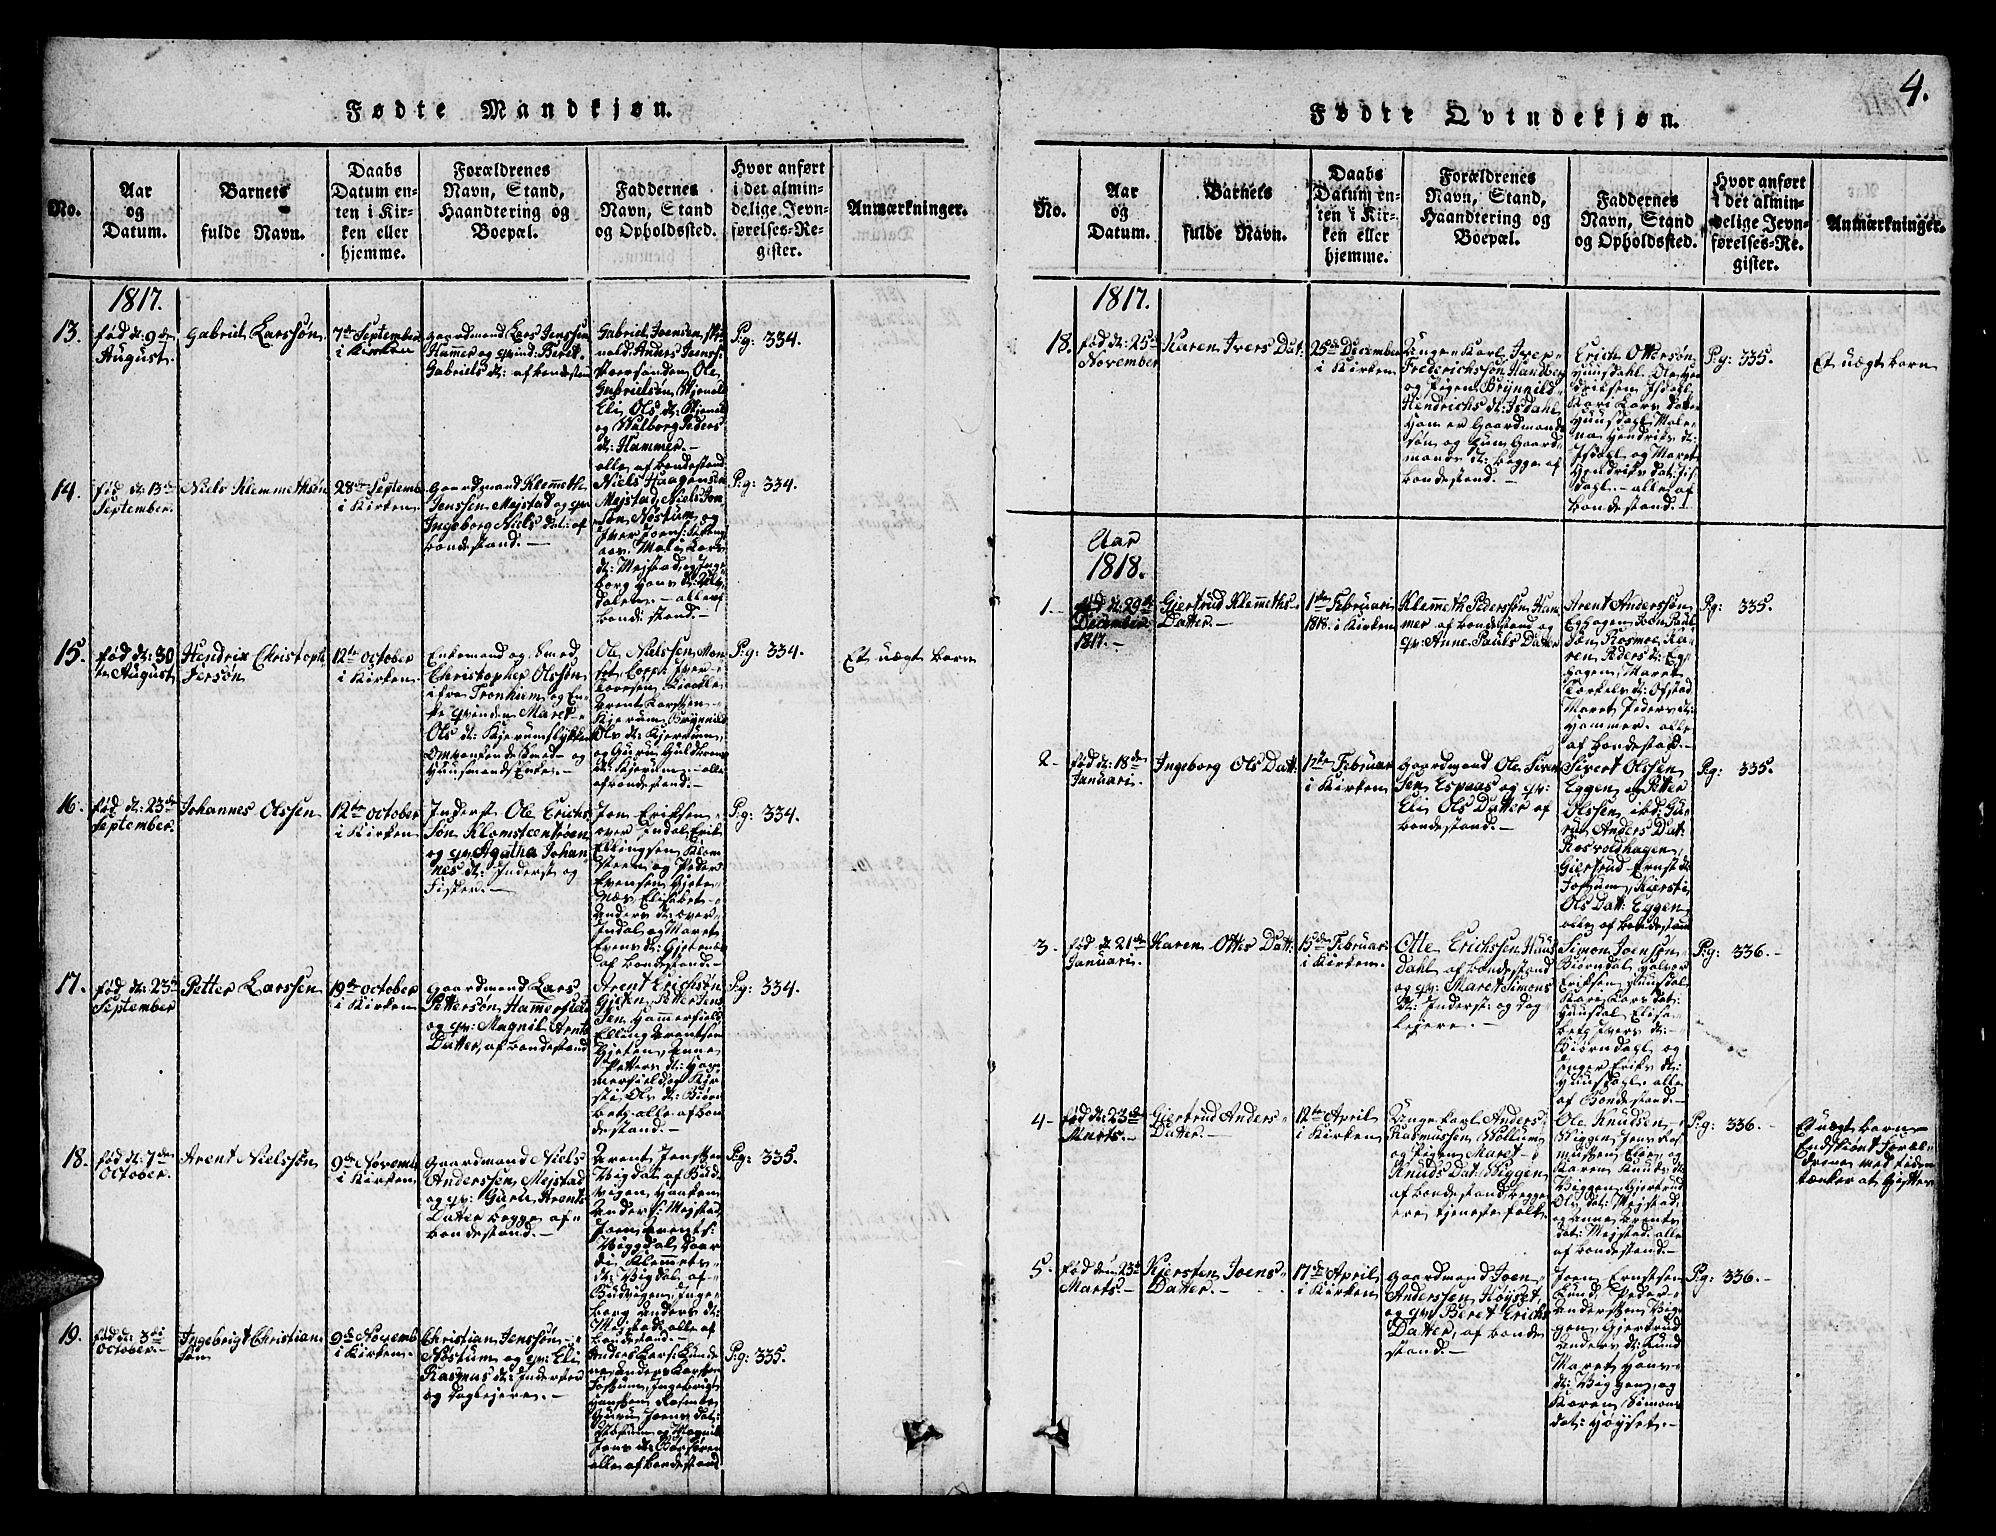 SAT, Ministerialprotokoller, klokkerbøker og fødselsregistre - Sør-Trøndelag, 665/L0776: Klokkerbok nr. 665C01, 1817-1837, s. 4